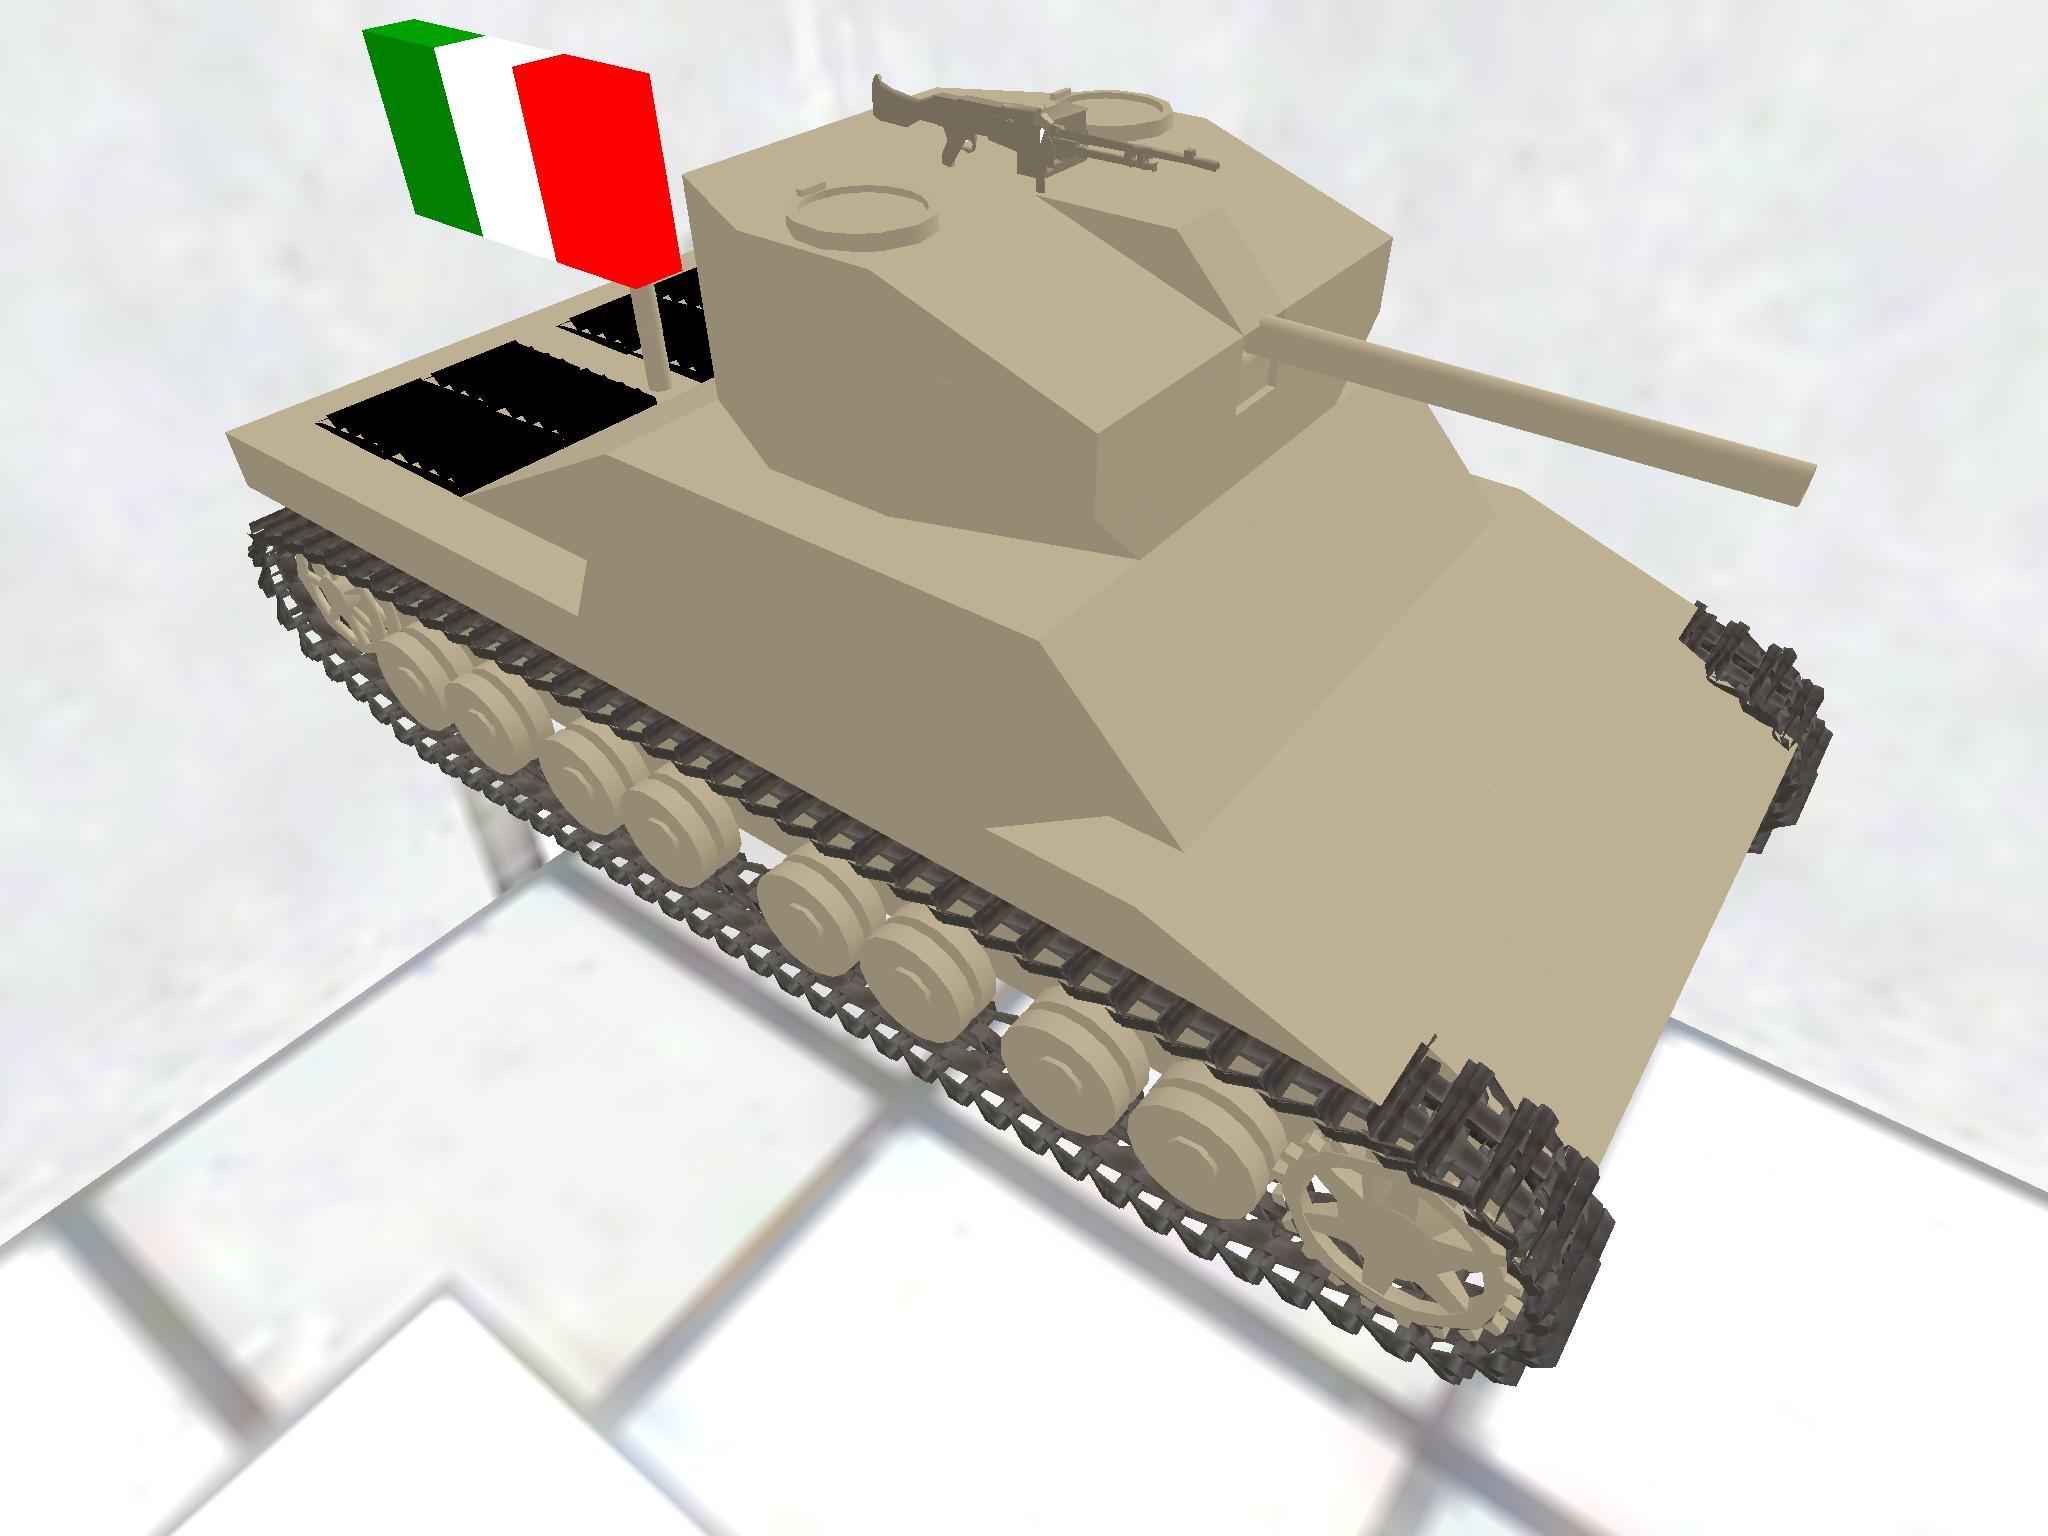 Tier 4 italain heavy tank